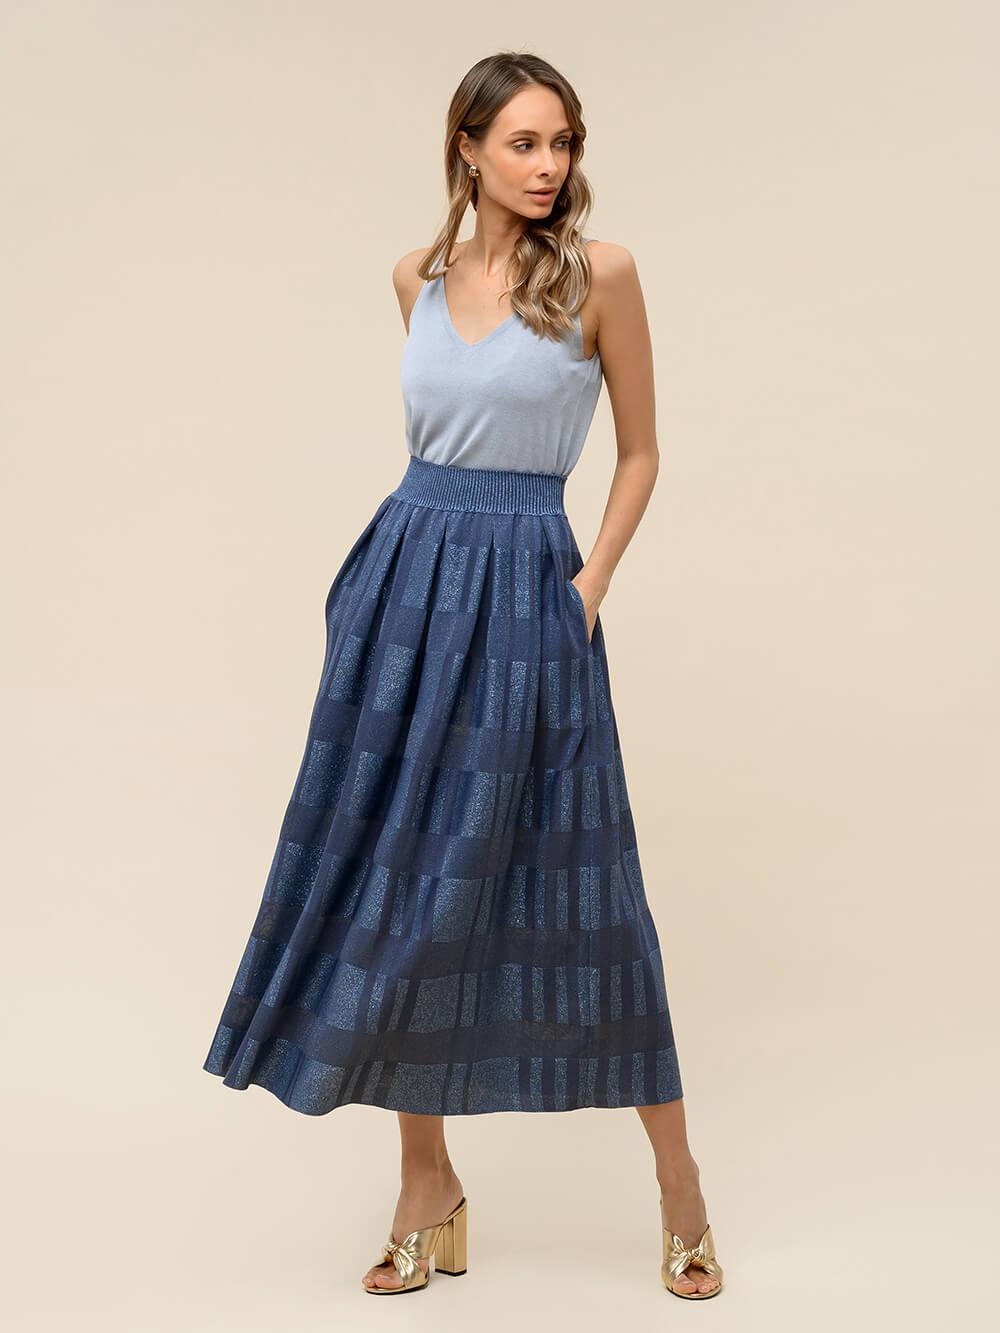 Женская юбка цвета деним из вискозы - фото 1